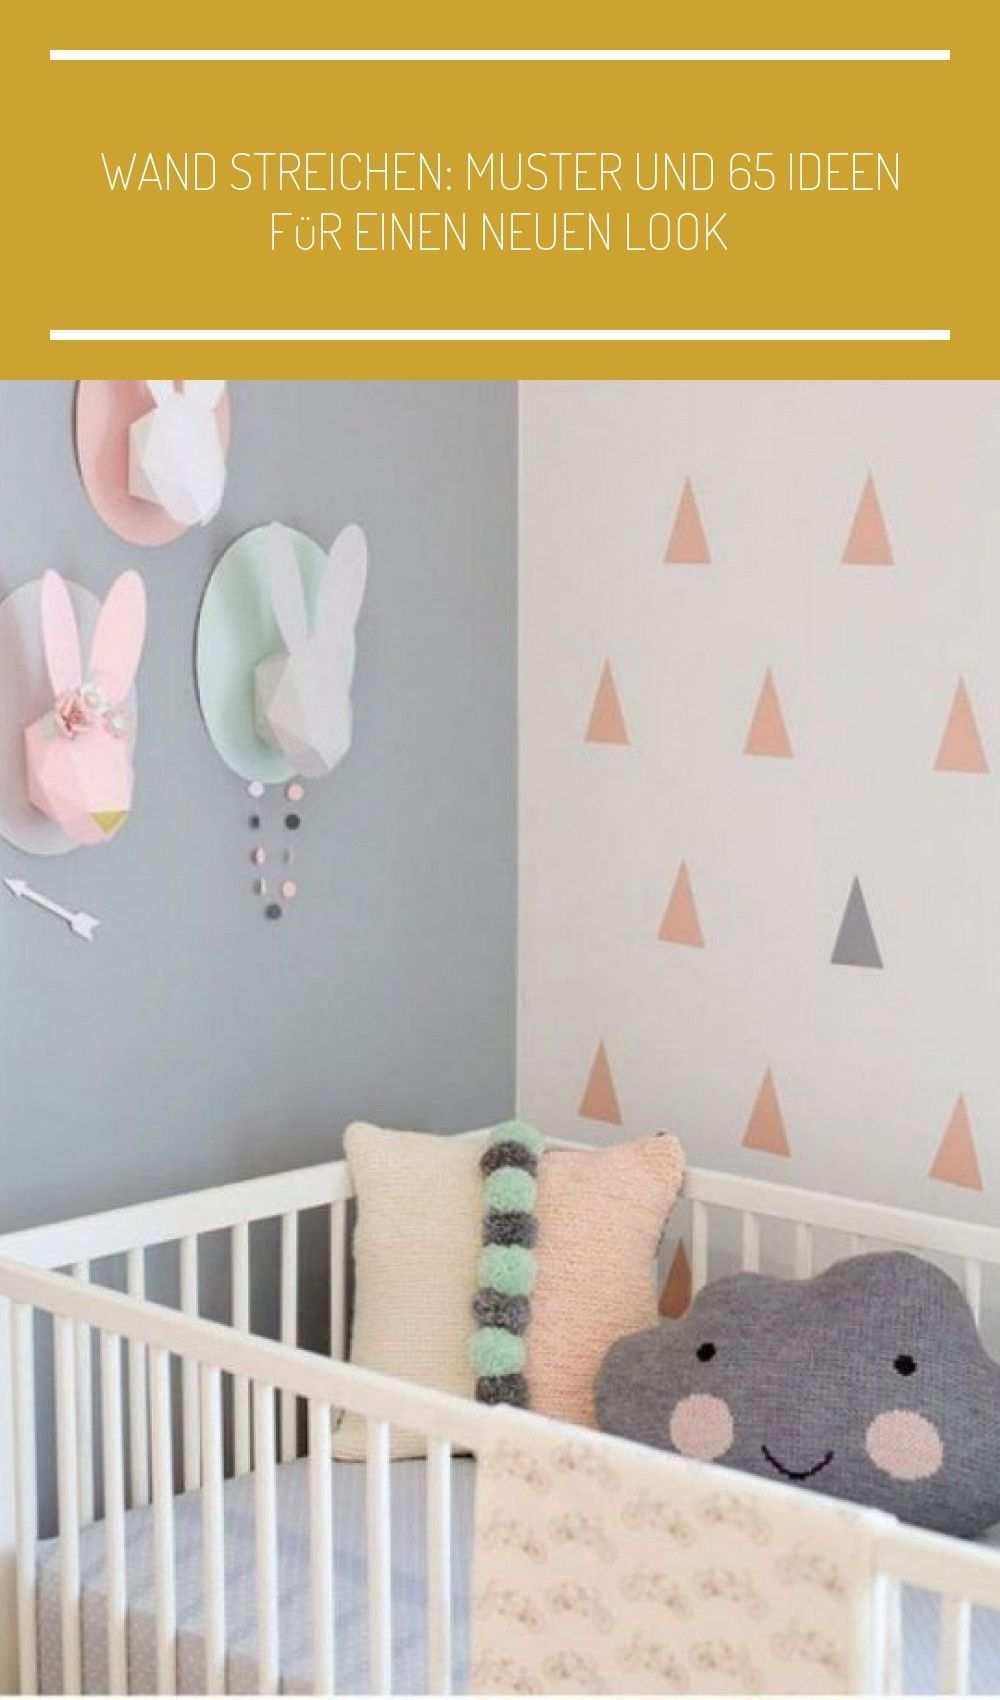 Wand Streichen Muster Und 65 In 2020 Home Decor Decals Home Decor Kids Rugs